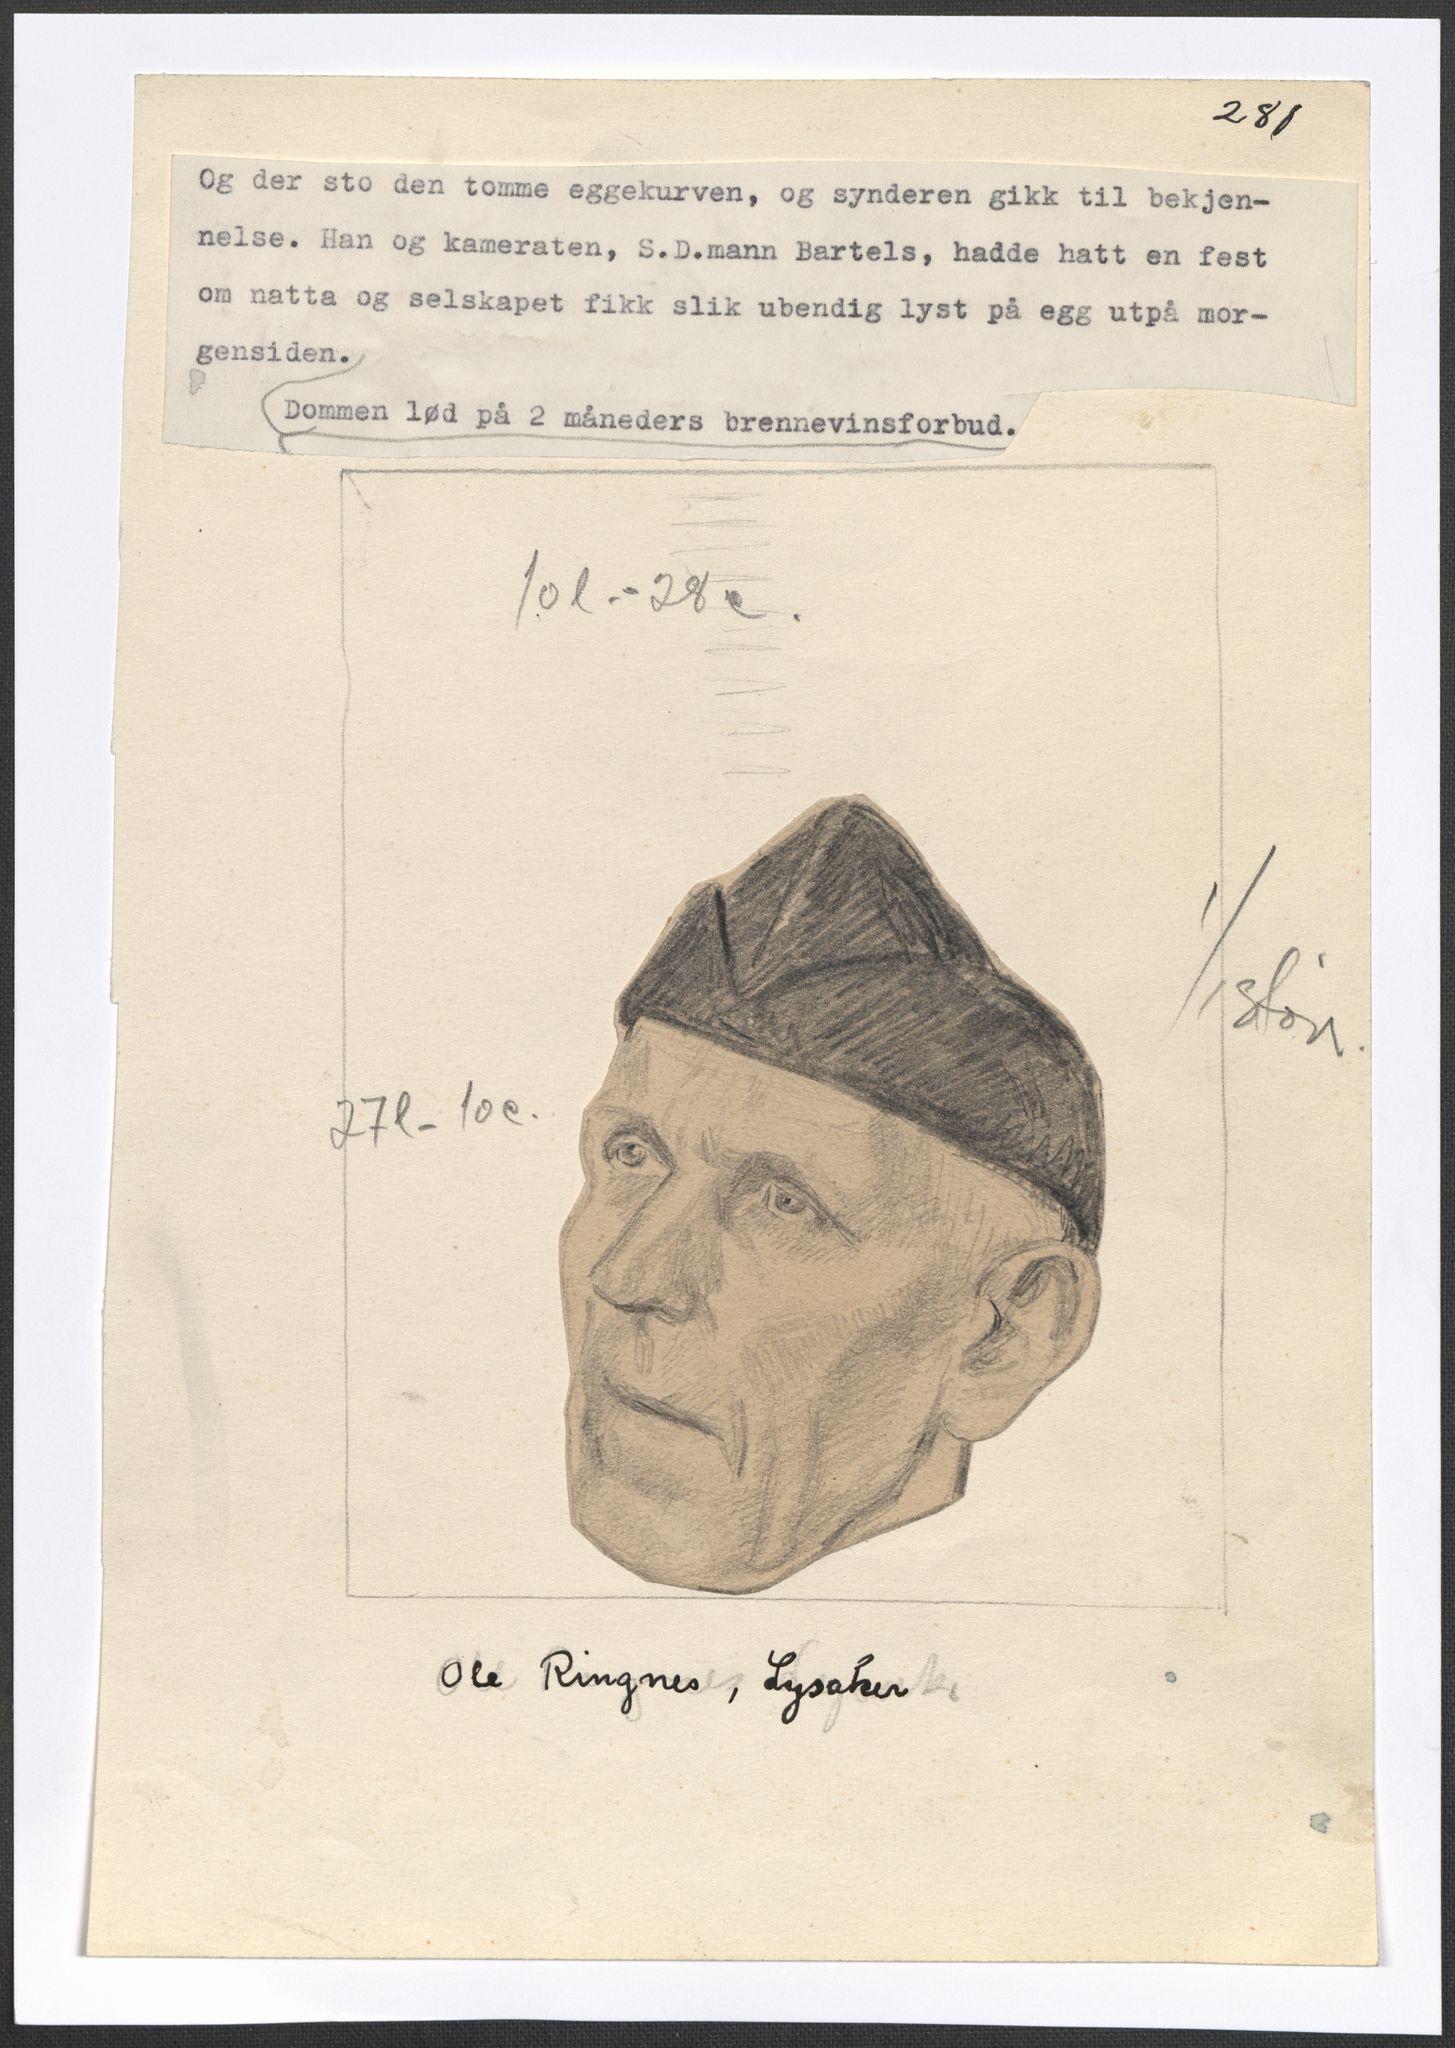 RA, Grøgaard, Joachim, F/L0002: Tegninger og tekster, 1942-1945, p. 112